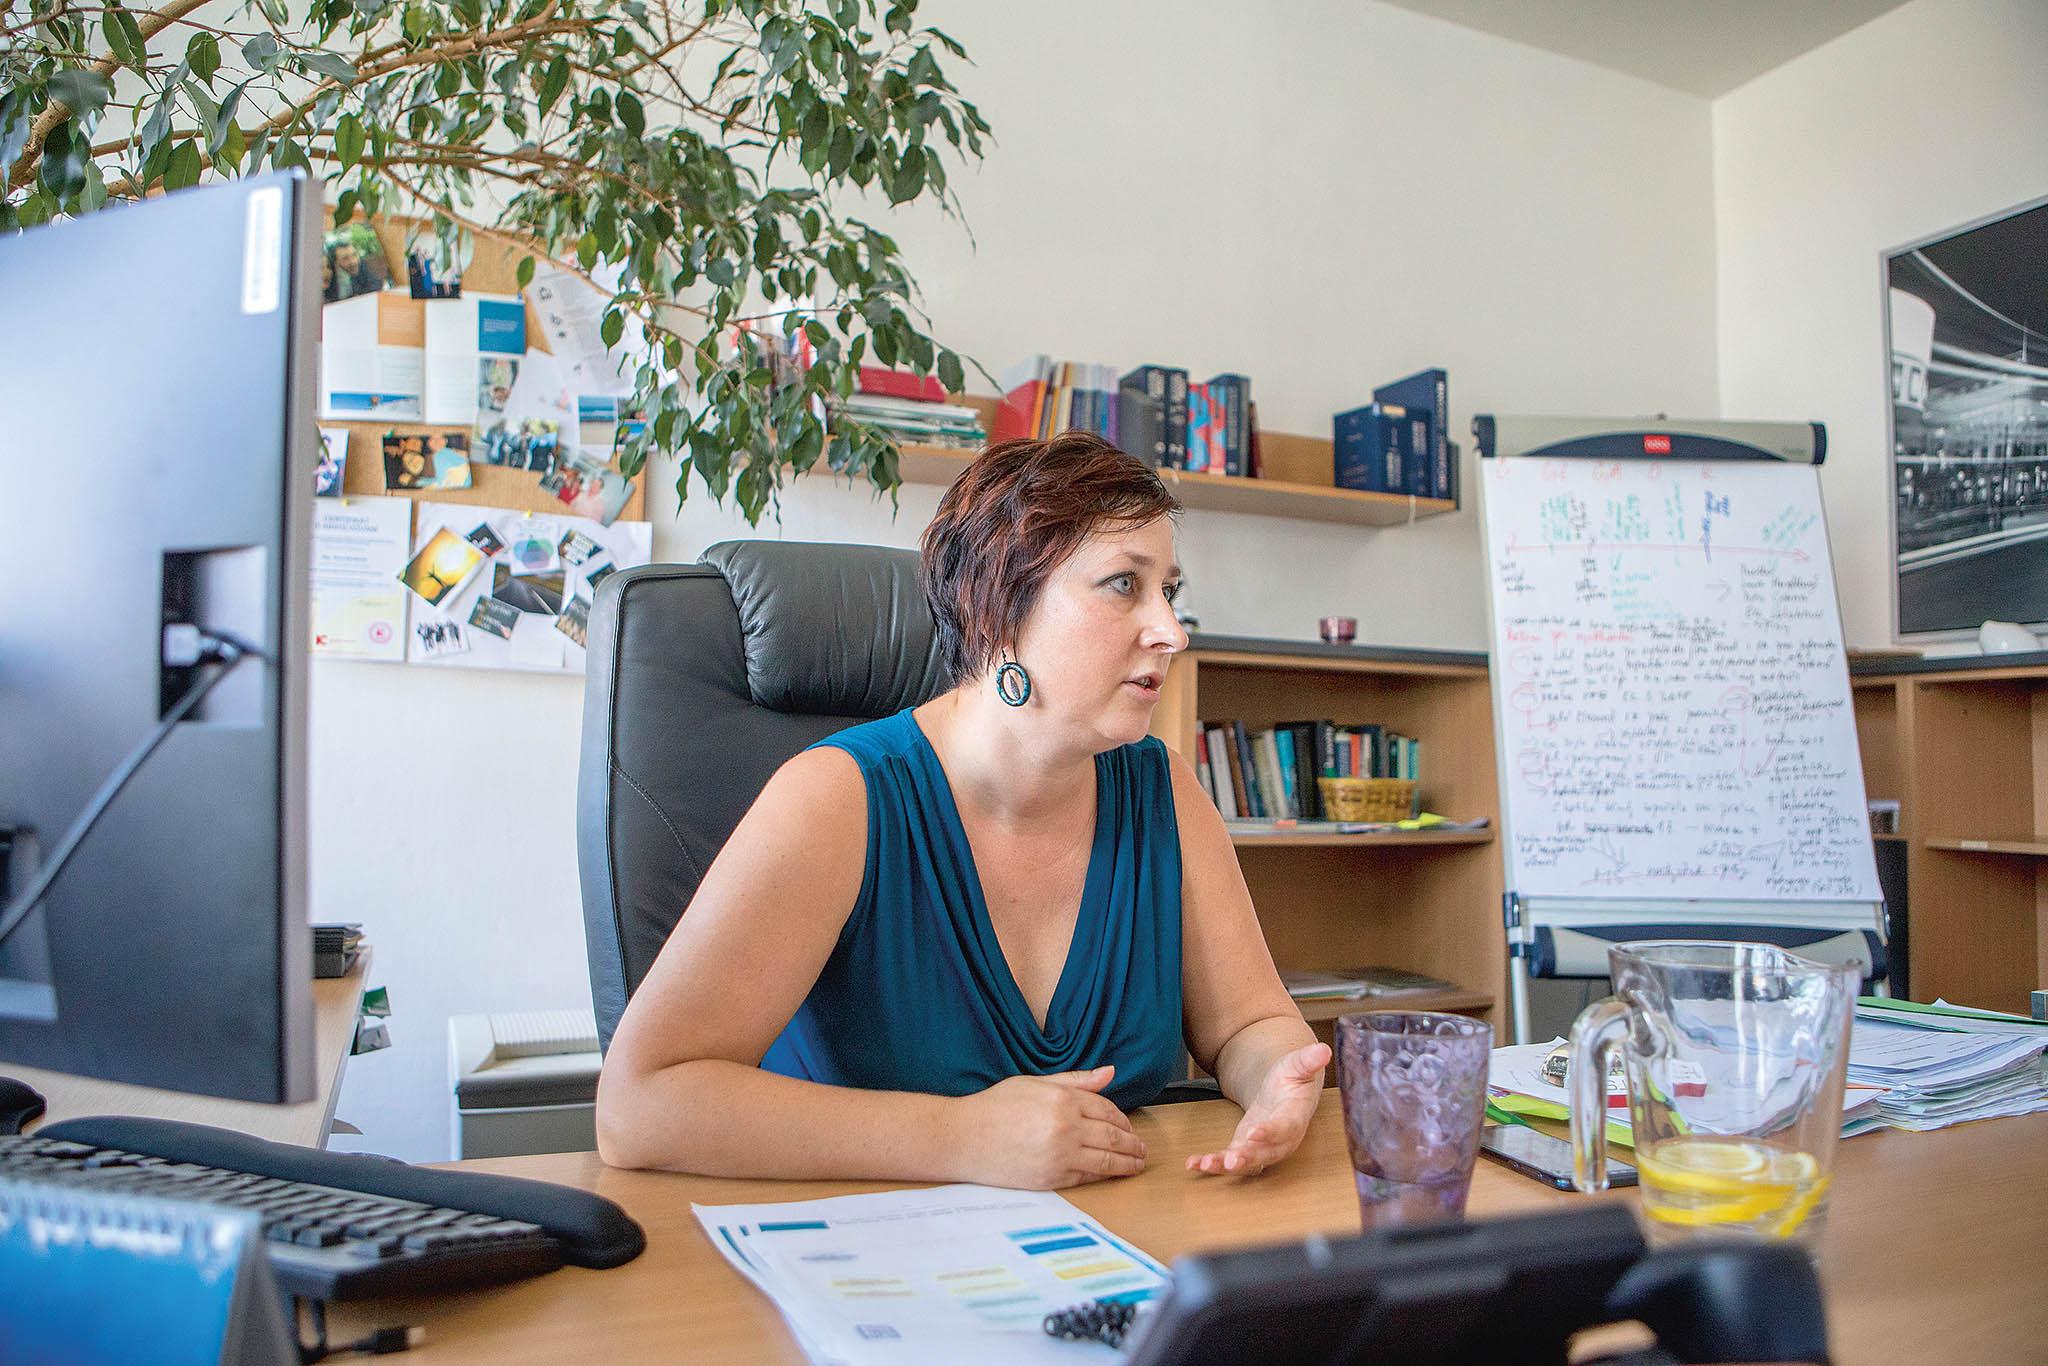 Išéfka právní sekce Petra Zdražilová se podílí navyřizování podnětů. Sama si přiděluje například stížnosti, kdy je potřeba prověřit postup sociálního pracovníka. Vkanceláři začínala naanalytickém oddělení, poté se věnovala oblasti vězeňství.